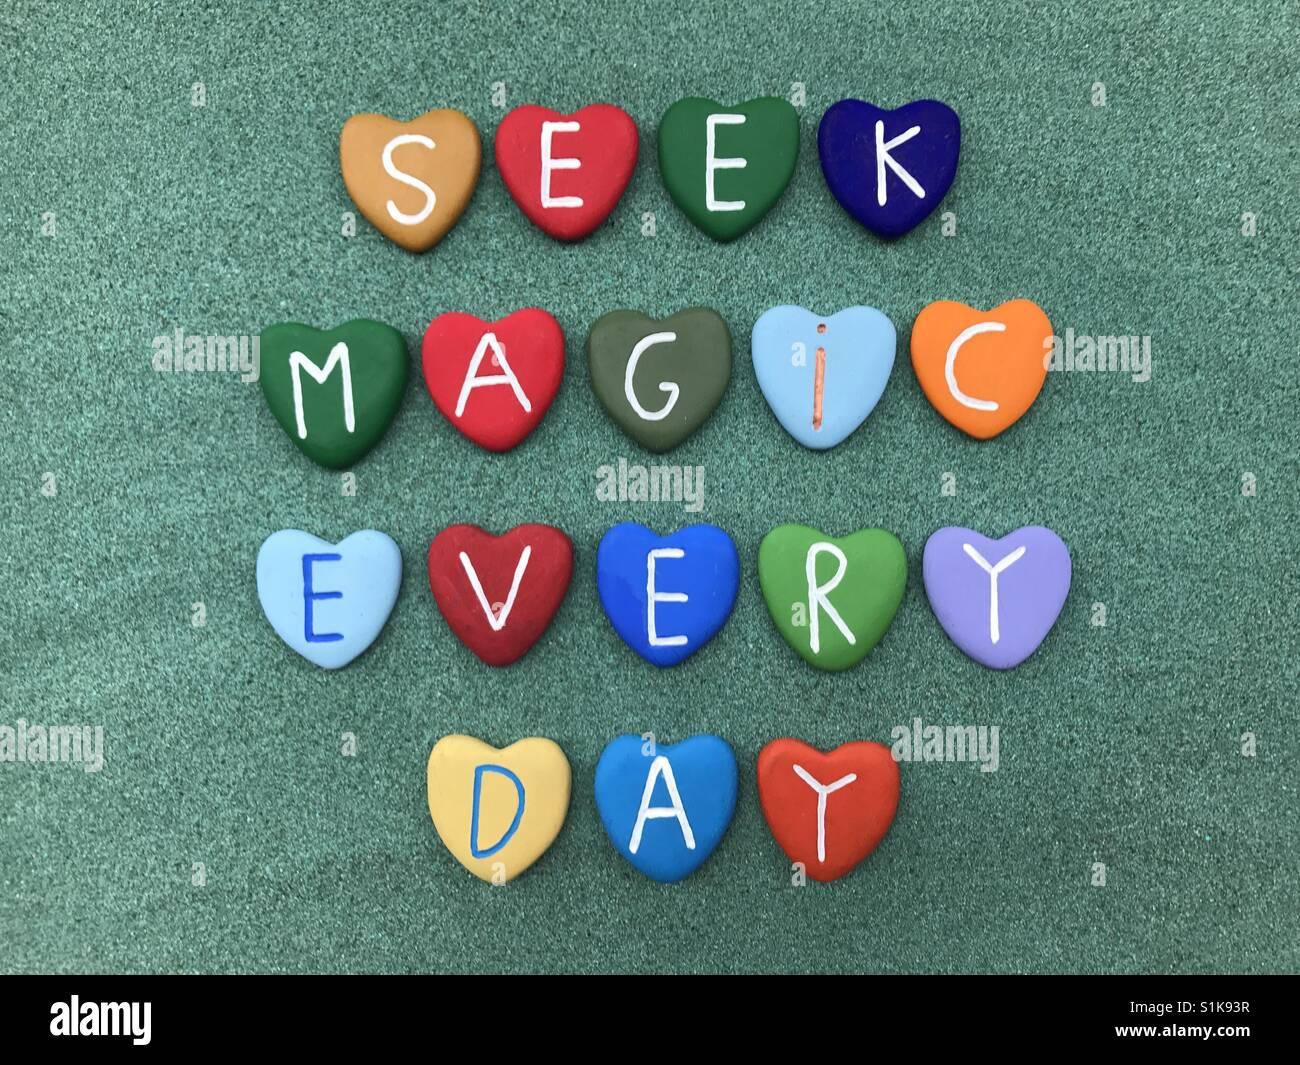 Buscan cada día mágico Imagen De Stock